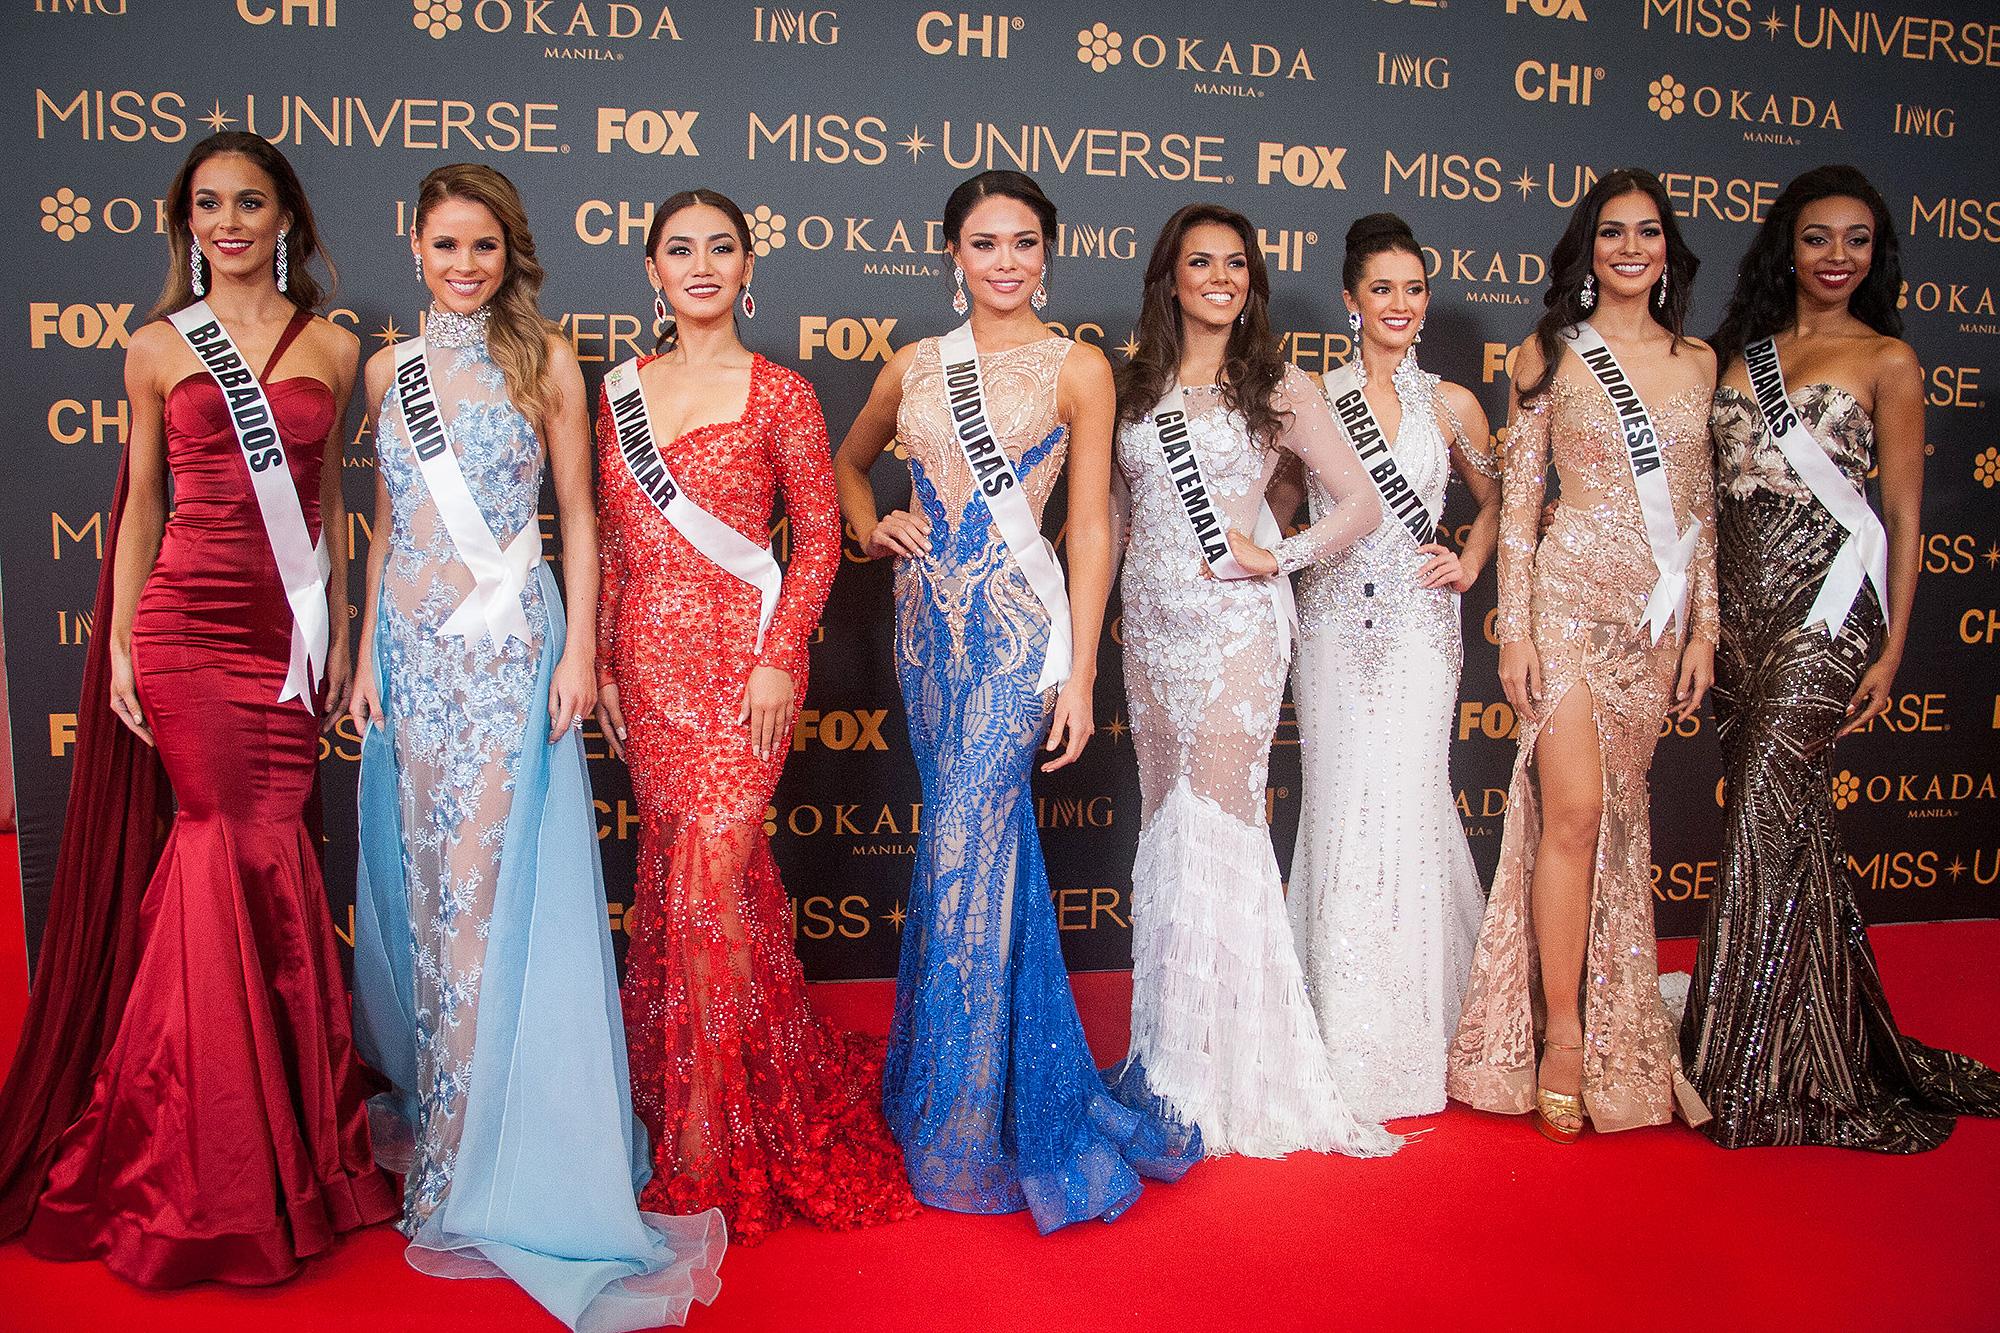 Miss Universe 2017 Pageant: Who Won? 5 Biggest Surprises